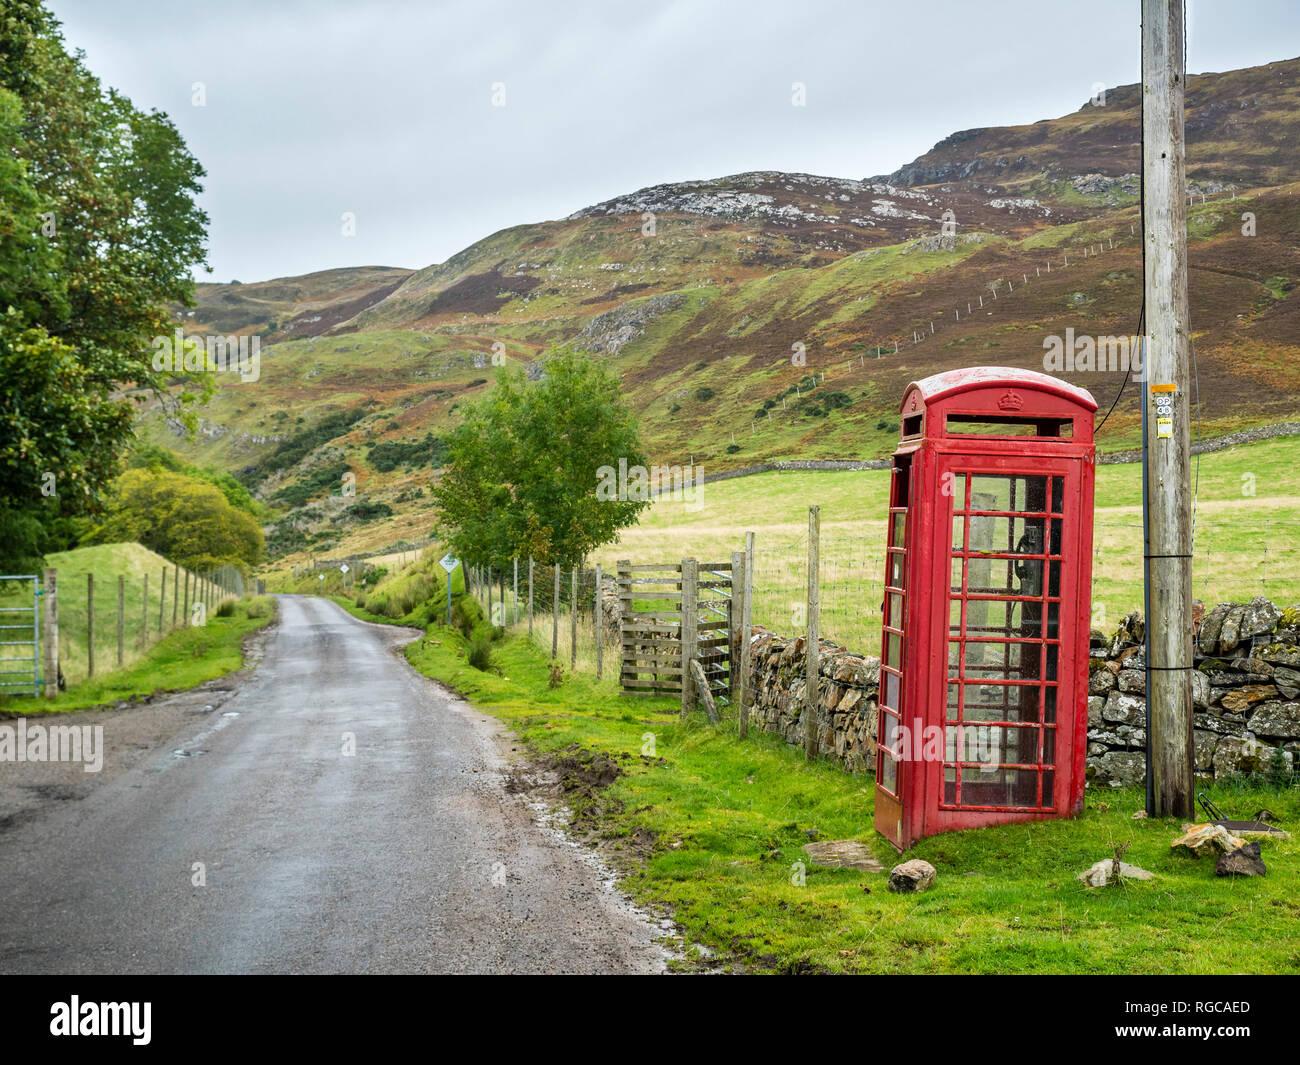 UK, Scotland, Highland, telephone booth at North Coast 500 - Stock Image